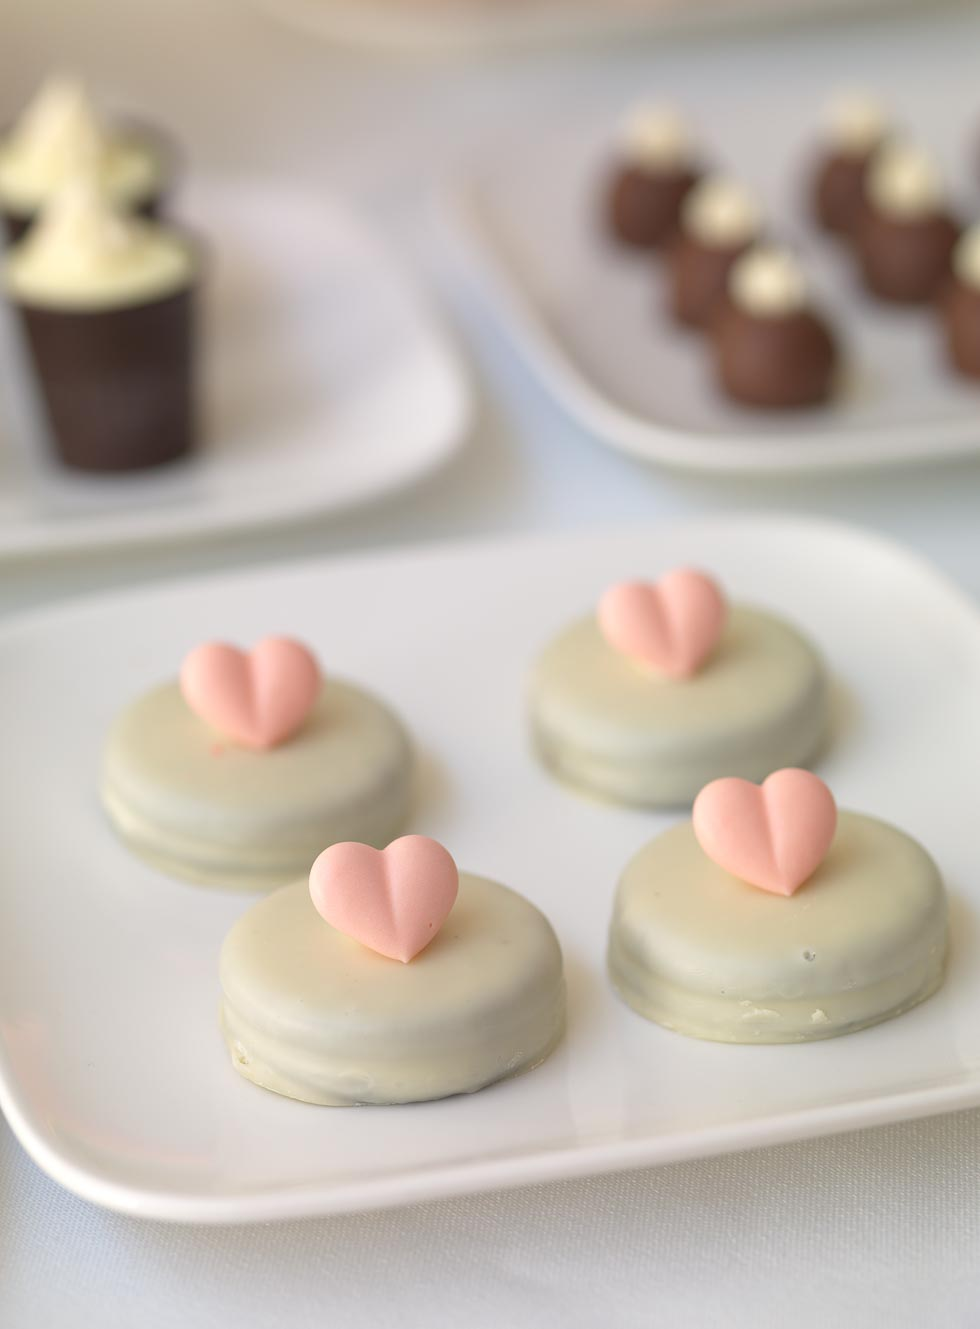 Desserttable Kekse